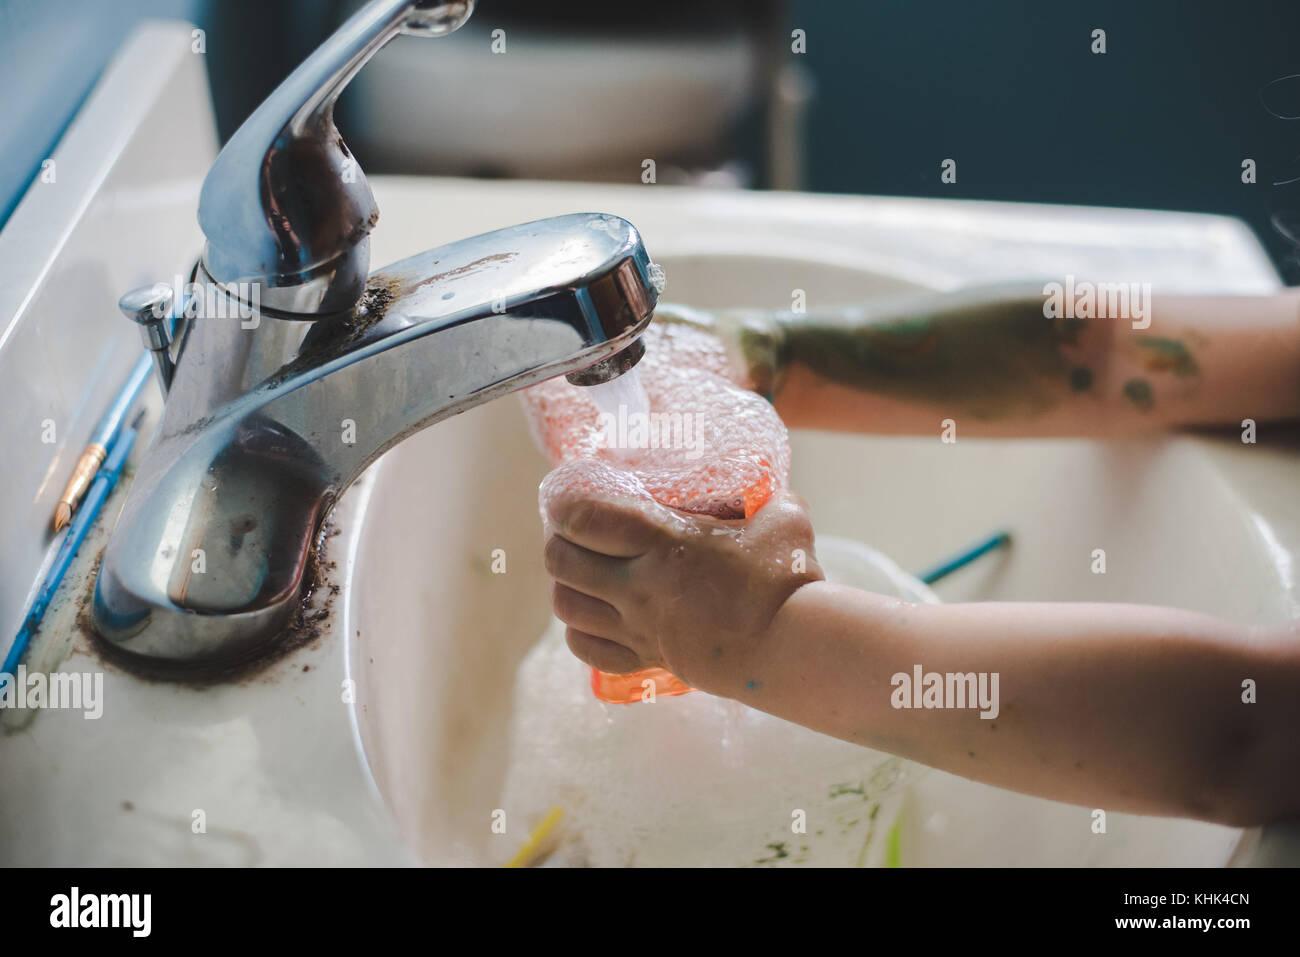 Un bambino ragazza vernice Lavaggio off le mani in un lavandino del bagno. Immagini Stock